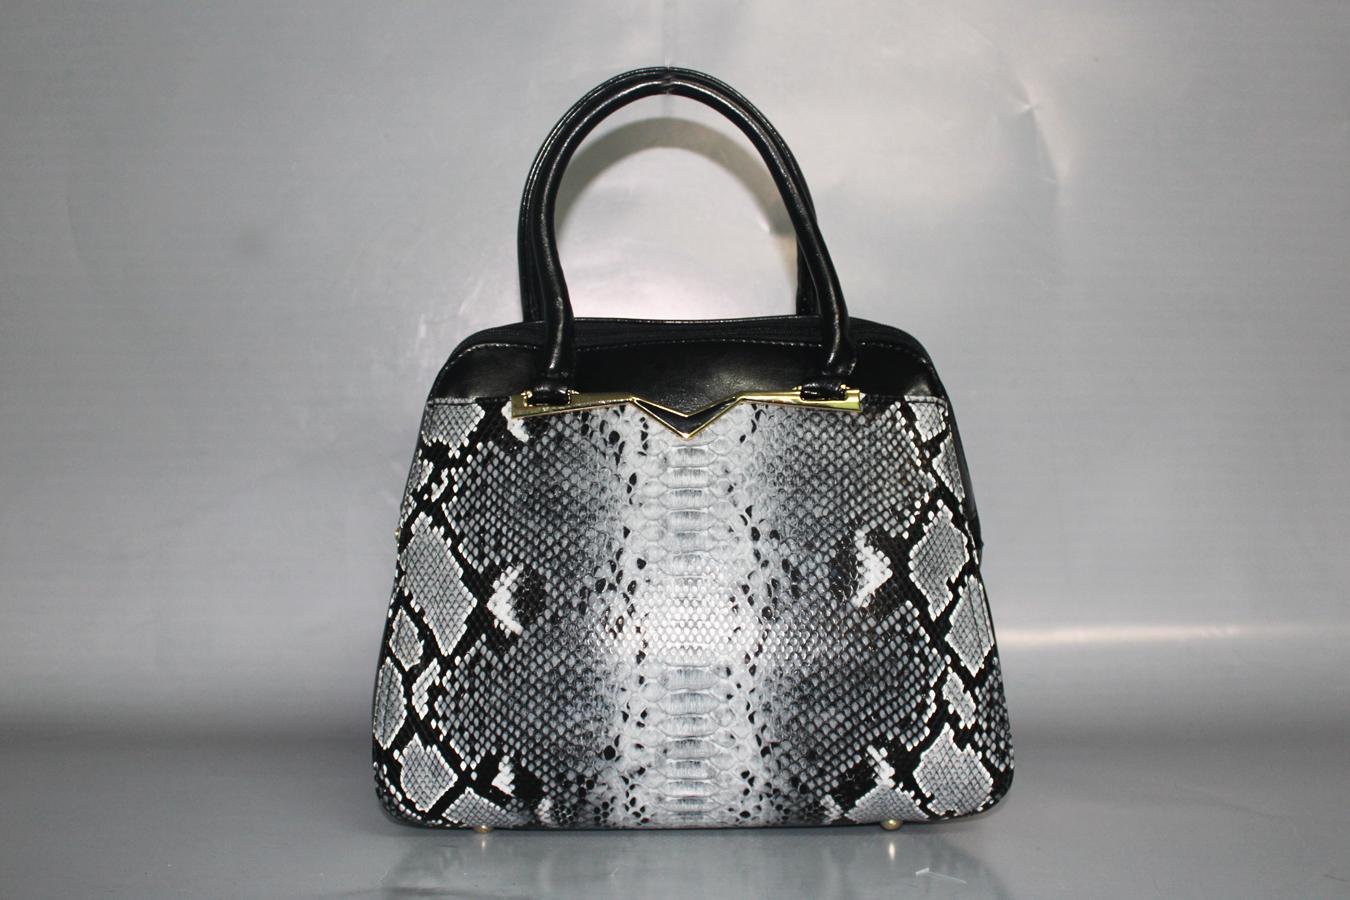 Сумки osso новая коллекция+ косметички от 49руб., мужские от 210руб.,спортивные и дорожные сумки от 300руб., сумки для